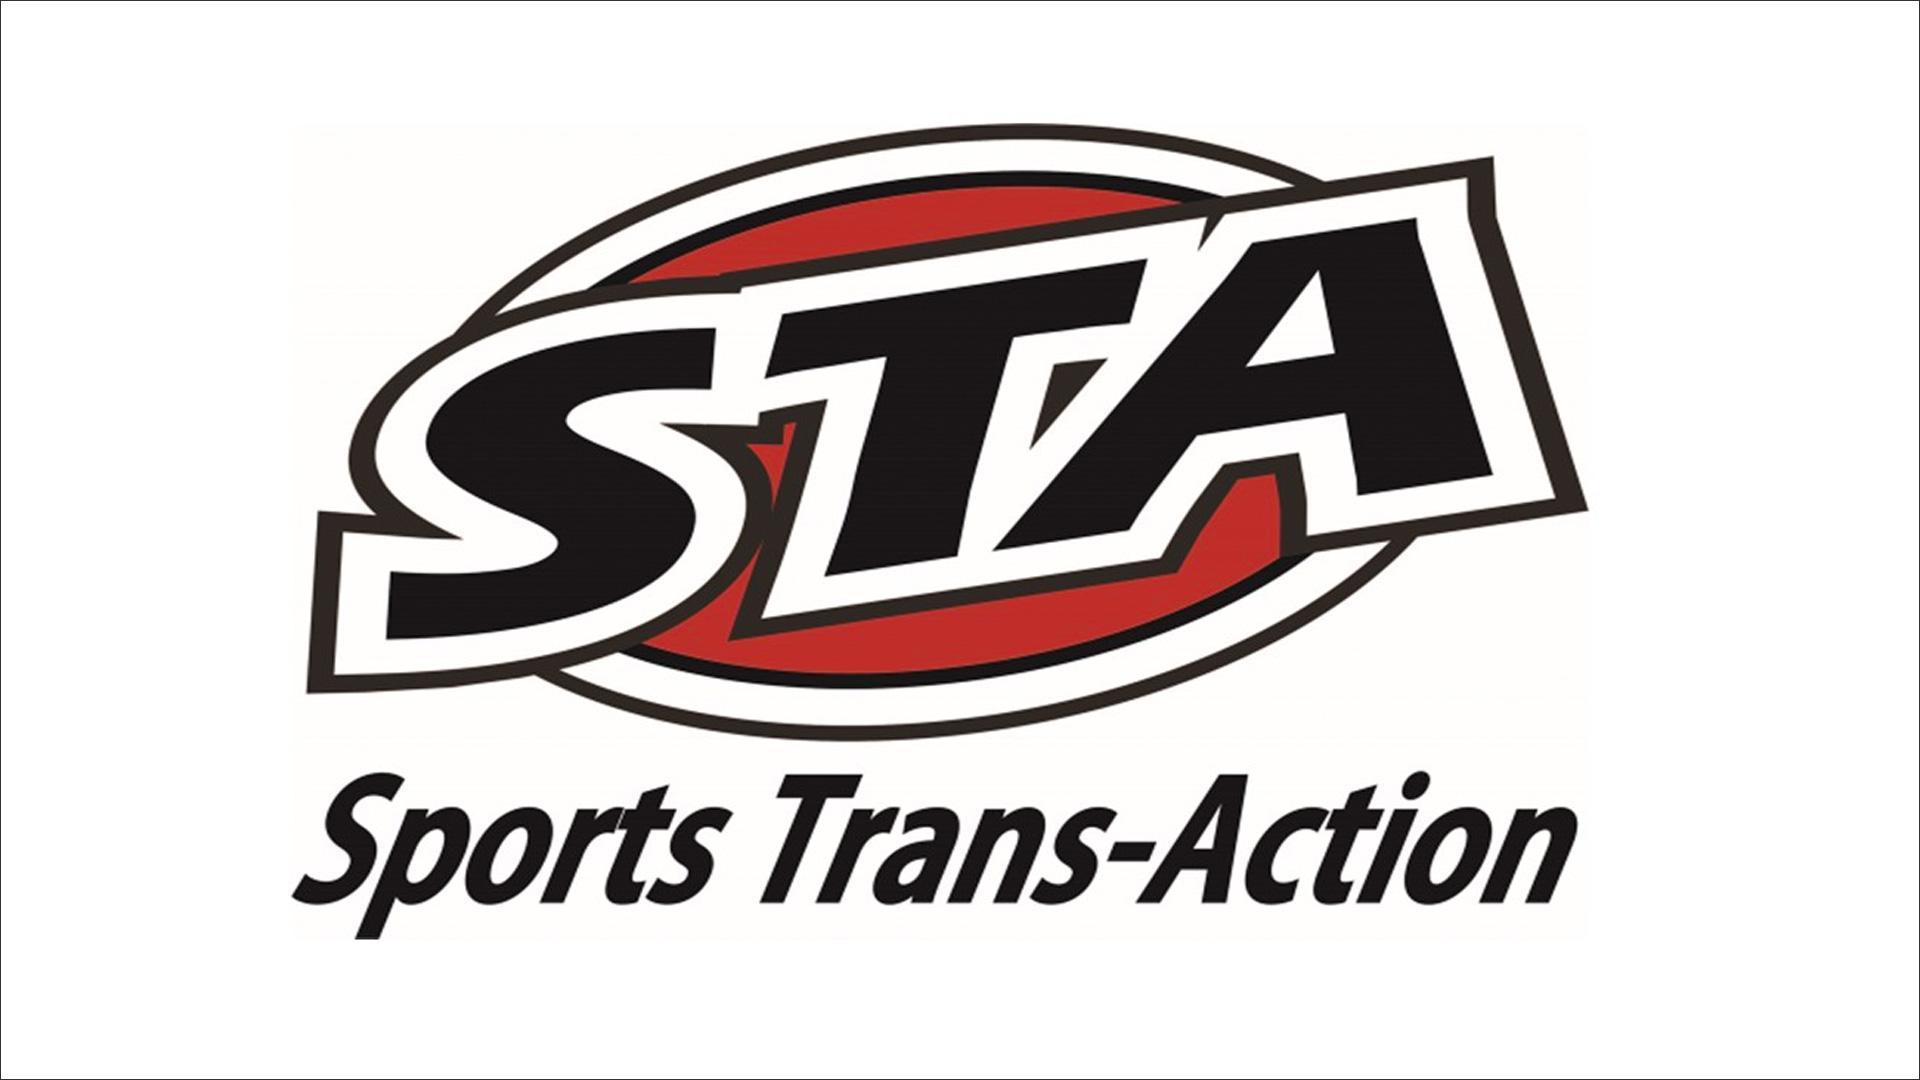 200402-SportsTransAction